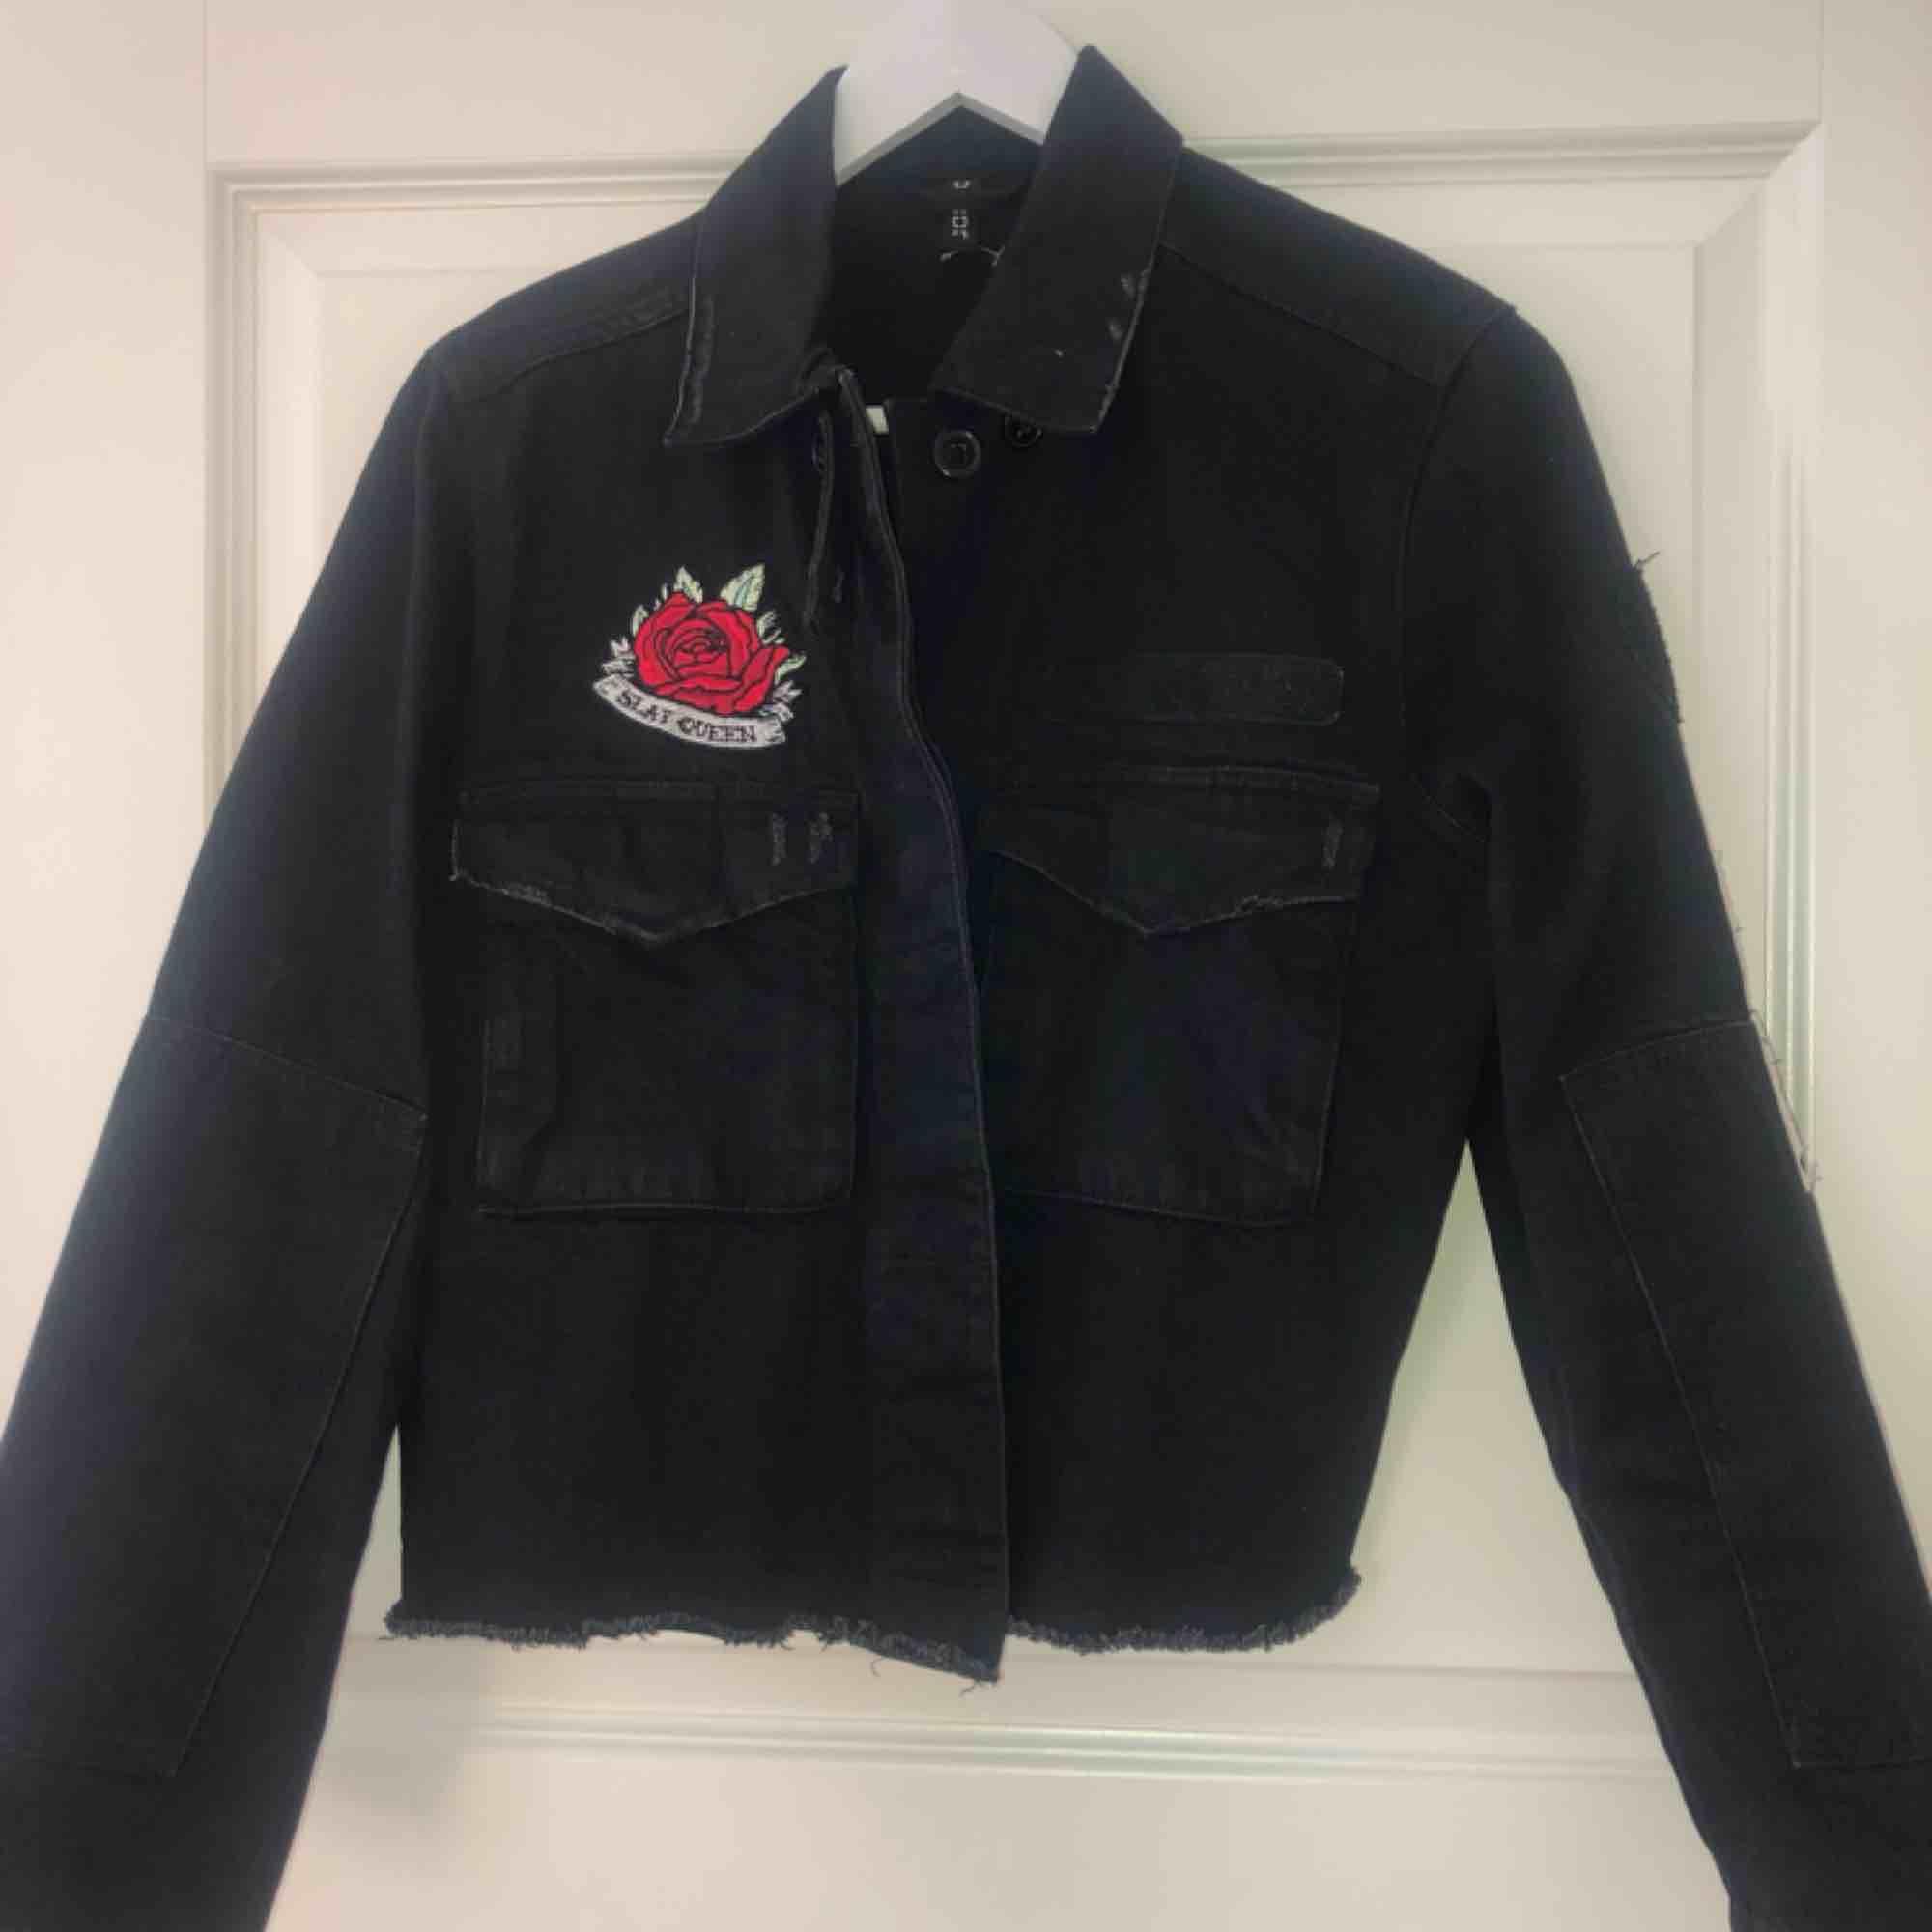 Kroppad jeansjacka med slitningar och 2 märken. en ros och en text på ärmen (det står original) Det är bara att ställa frågor om ni undrar något finns inga dumma frågor☺️. Jackor.